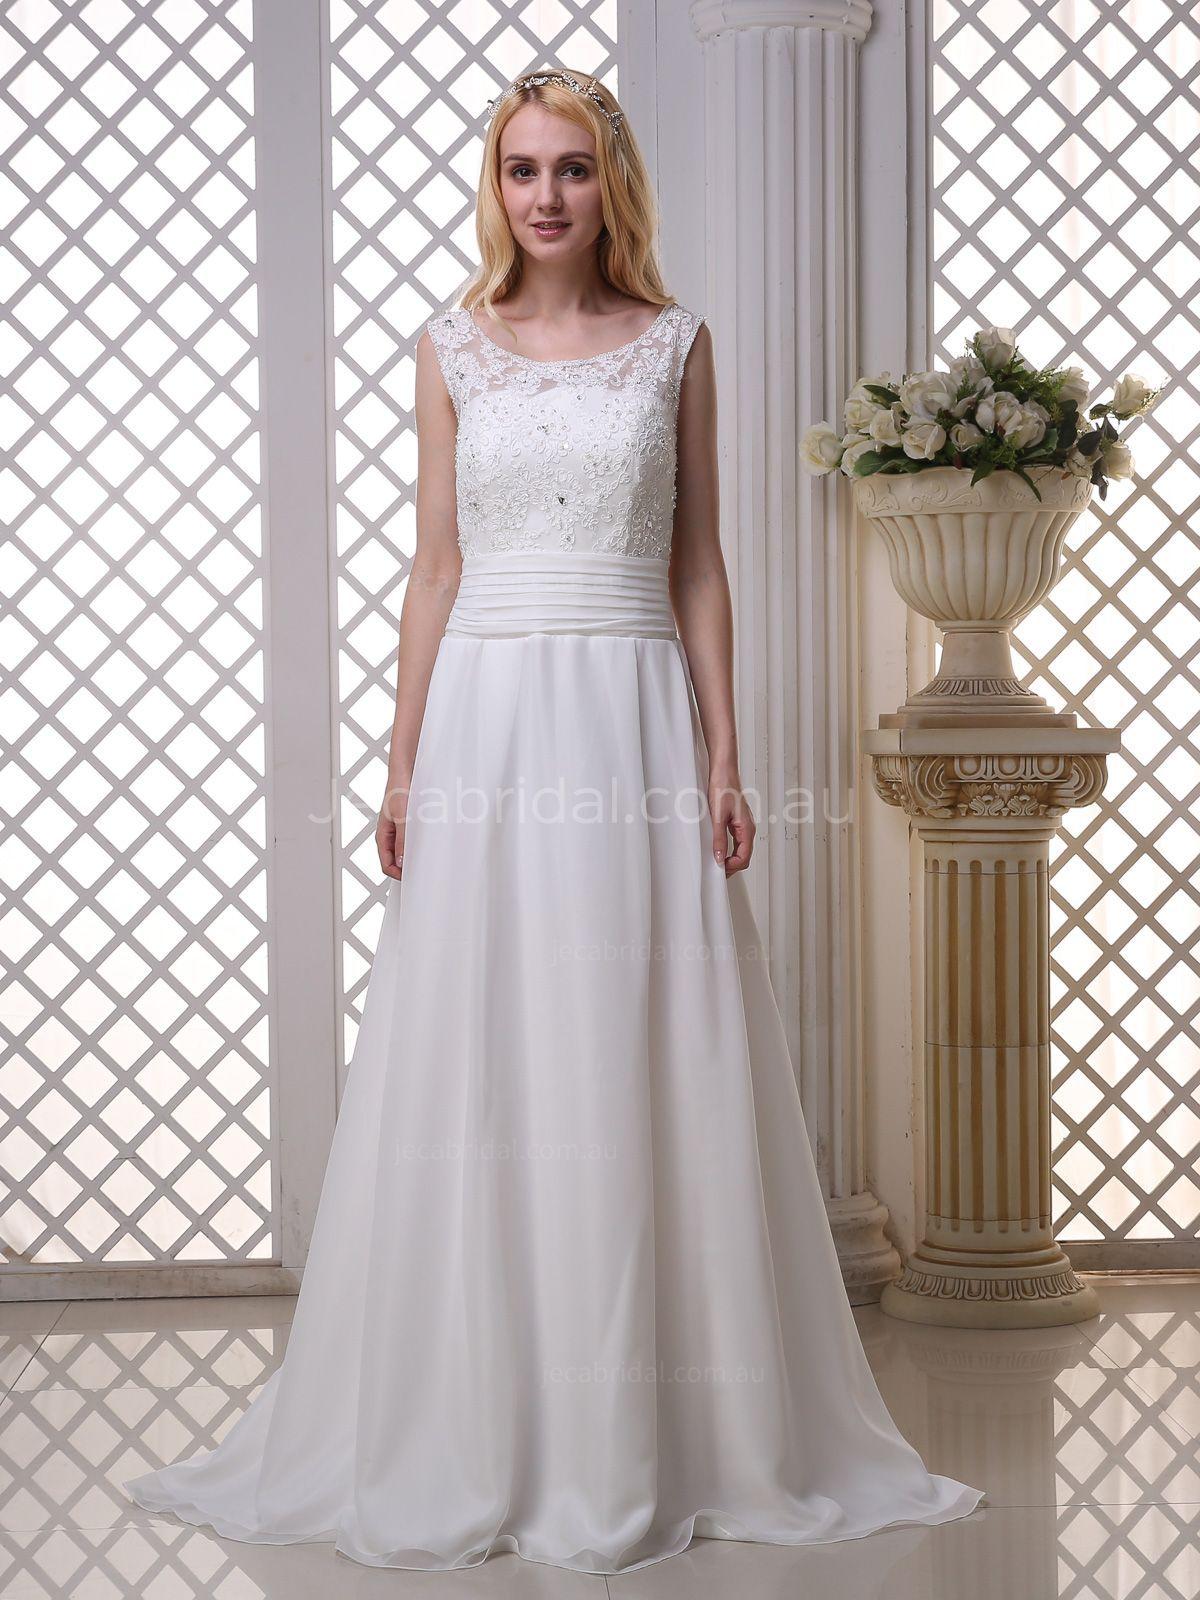 Illusion Scoop Neckline Modest Wedding Dress W1021(画像あり)